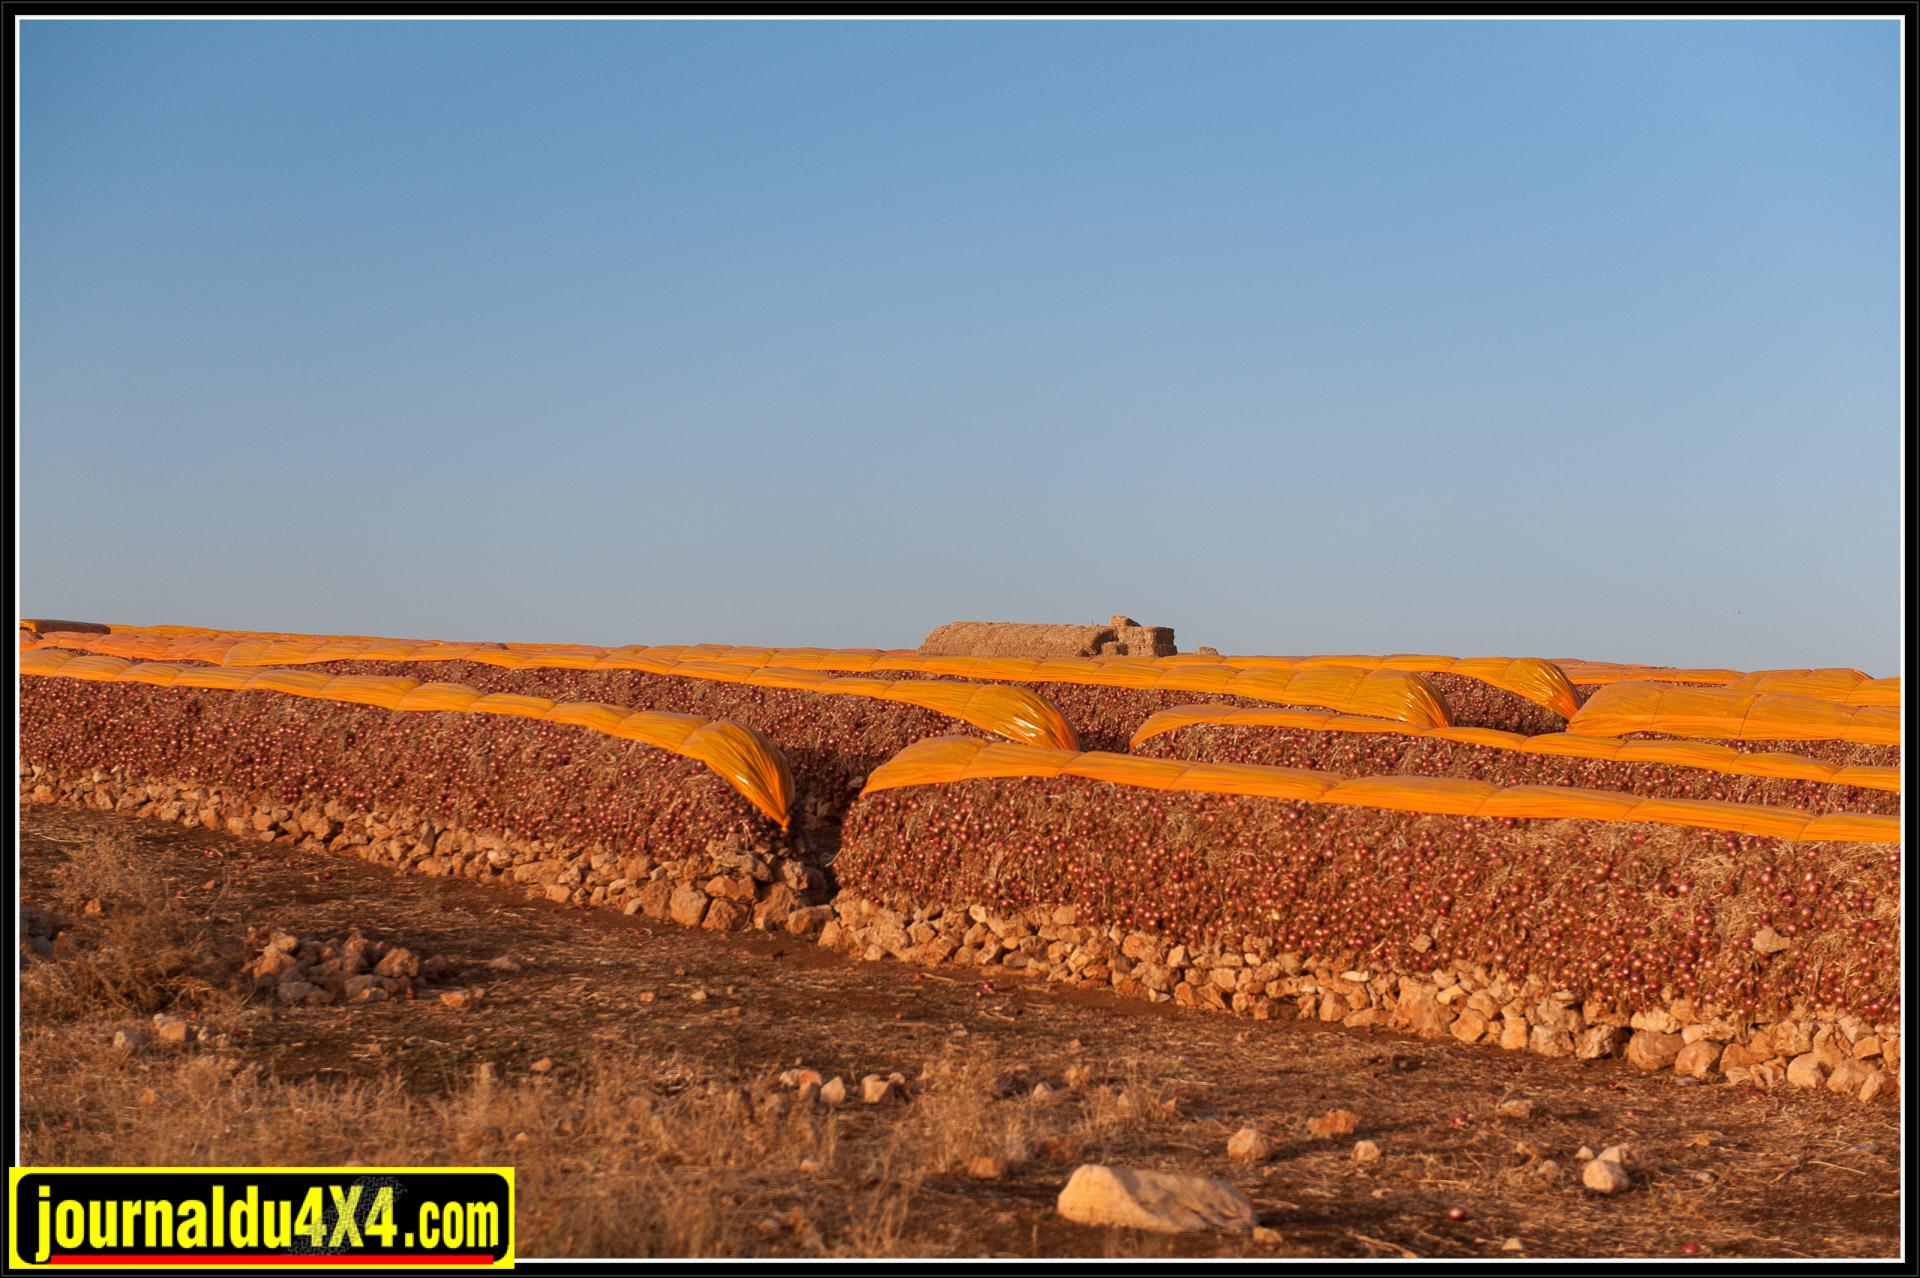 Des oignons fraichement récoltés sont entreposés le long de la route.